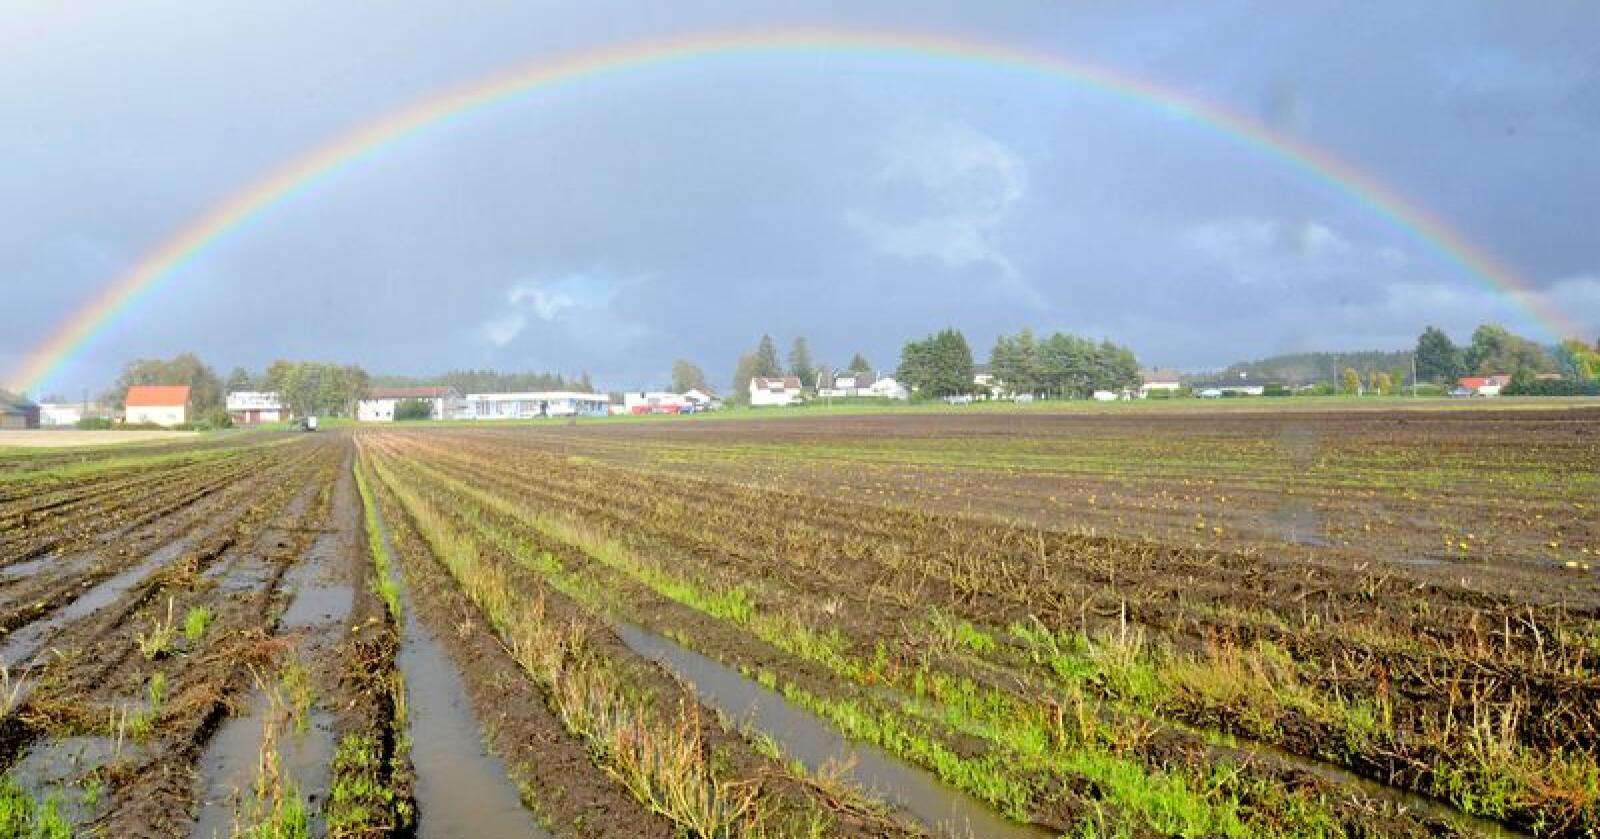 For vått: Store mengdar nedbør gjer det vanskeleg for landbruket å dra nytte av temperaturauken, blir det hevda i ny rapport. Foto: Mariann Tvete